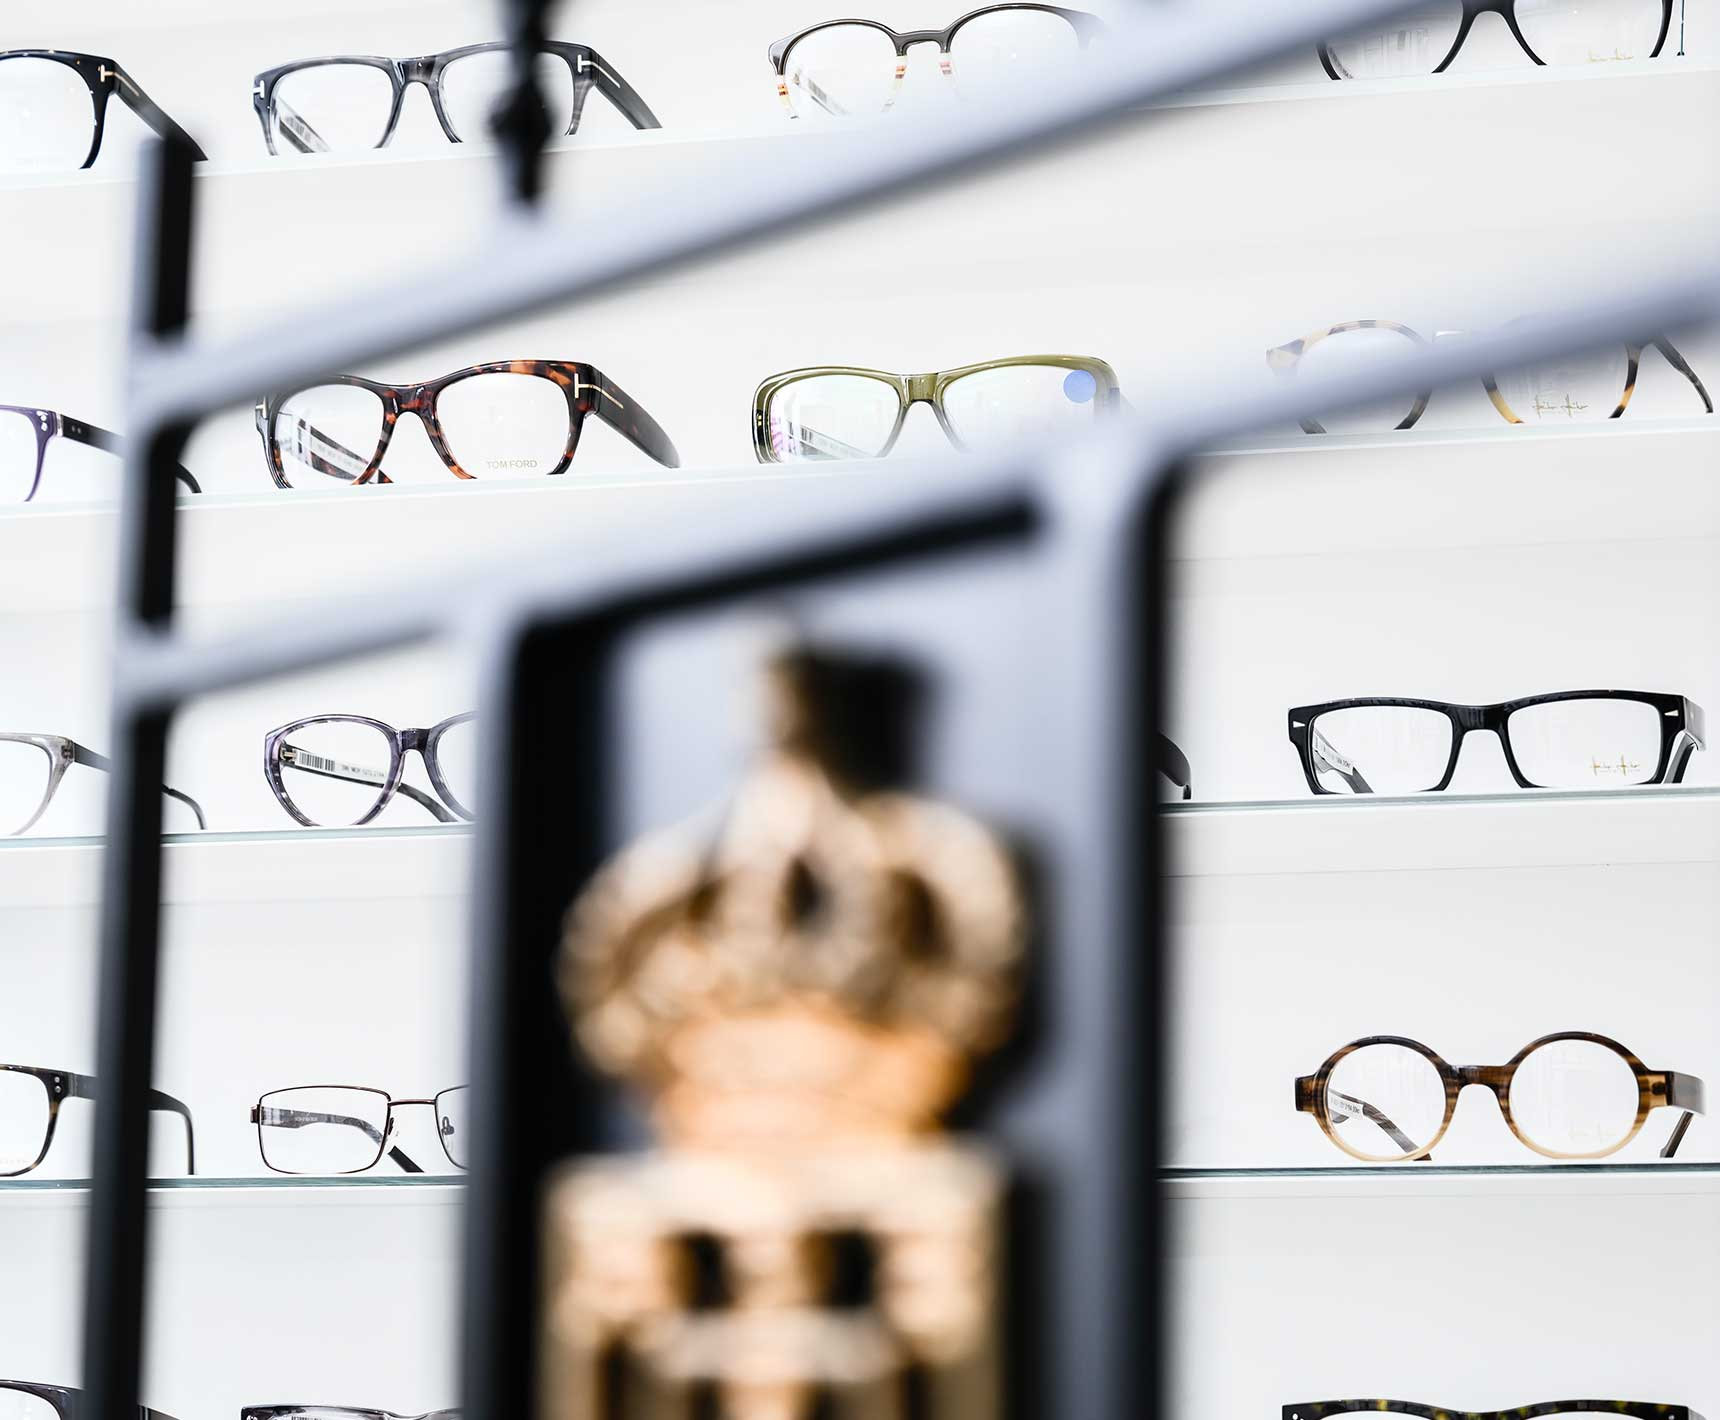 stort udvalg af briller